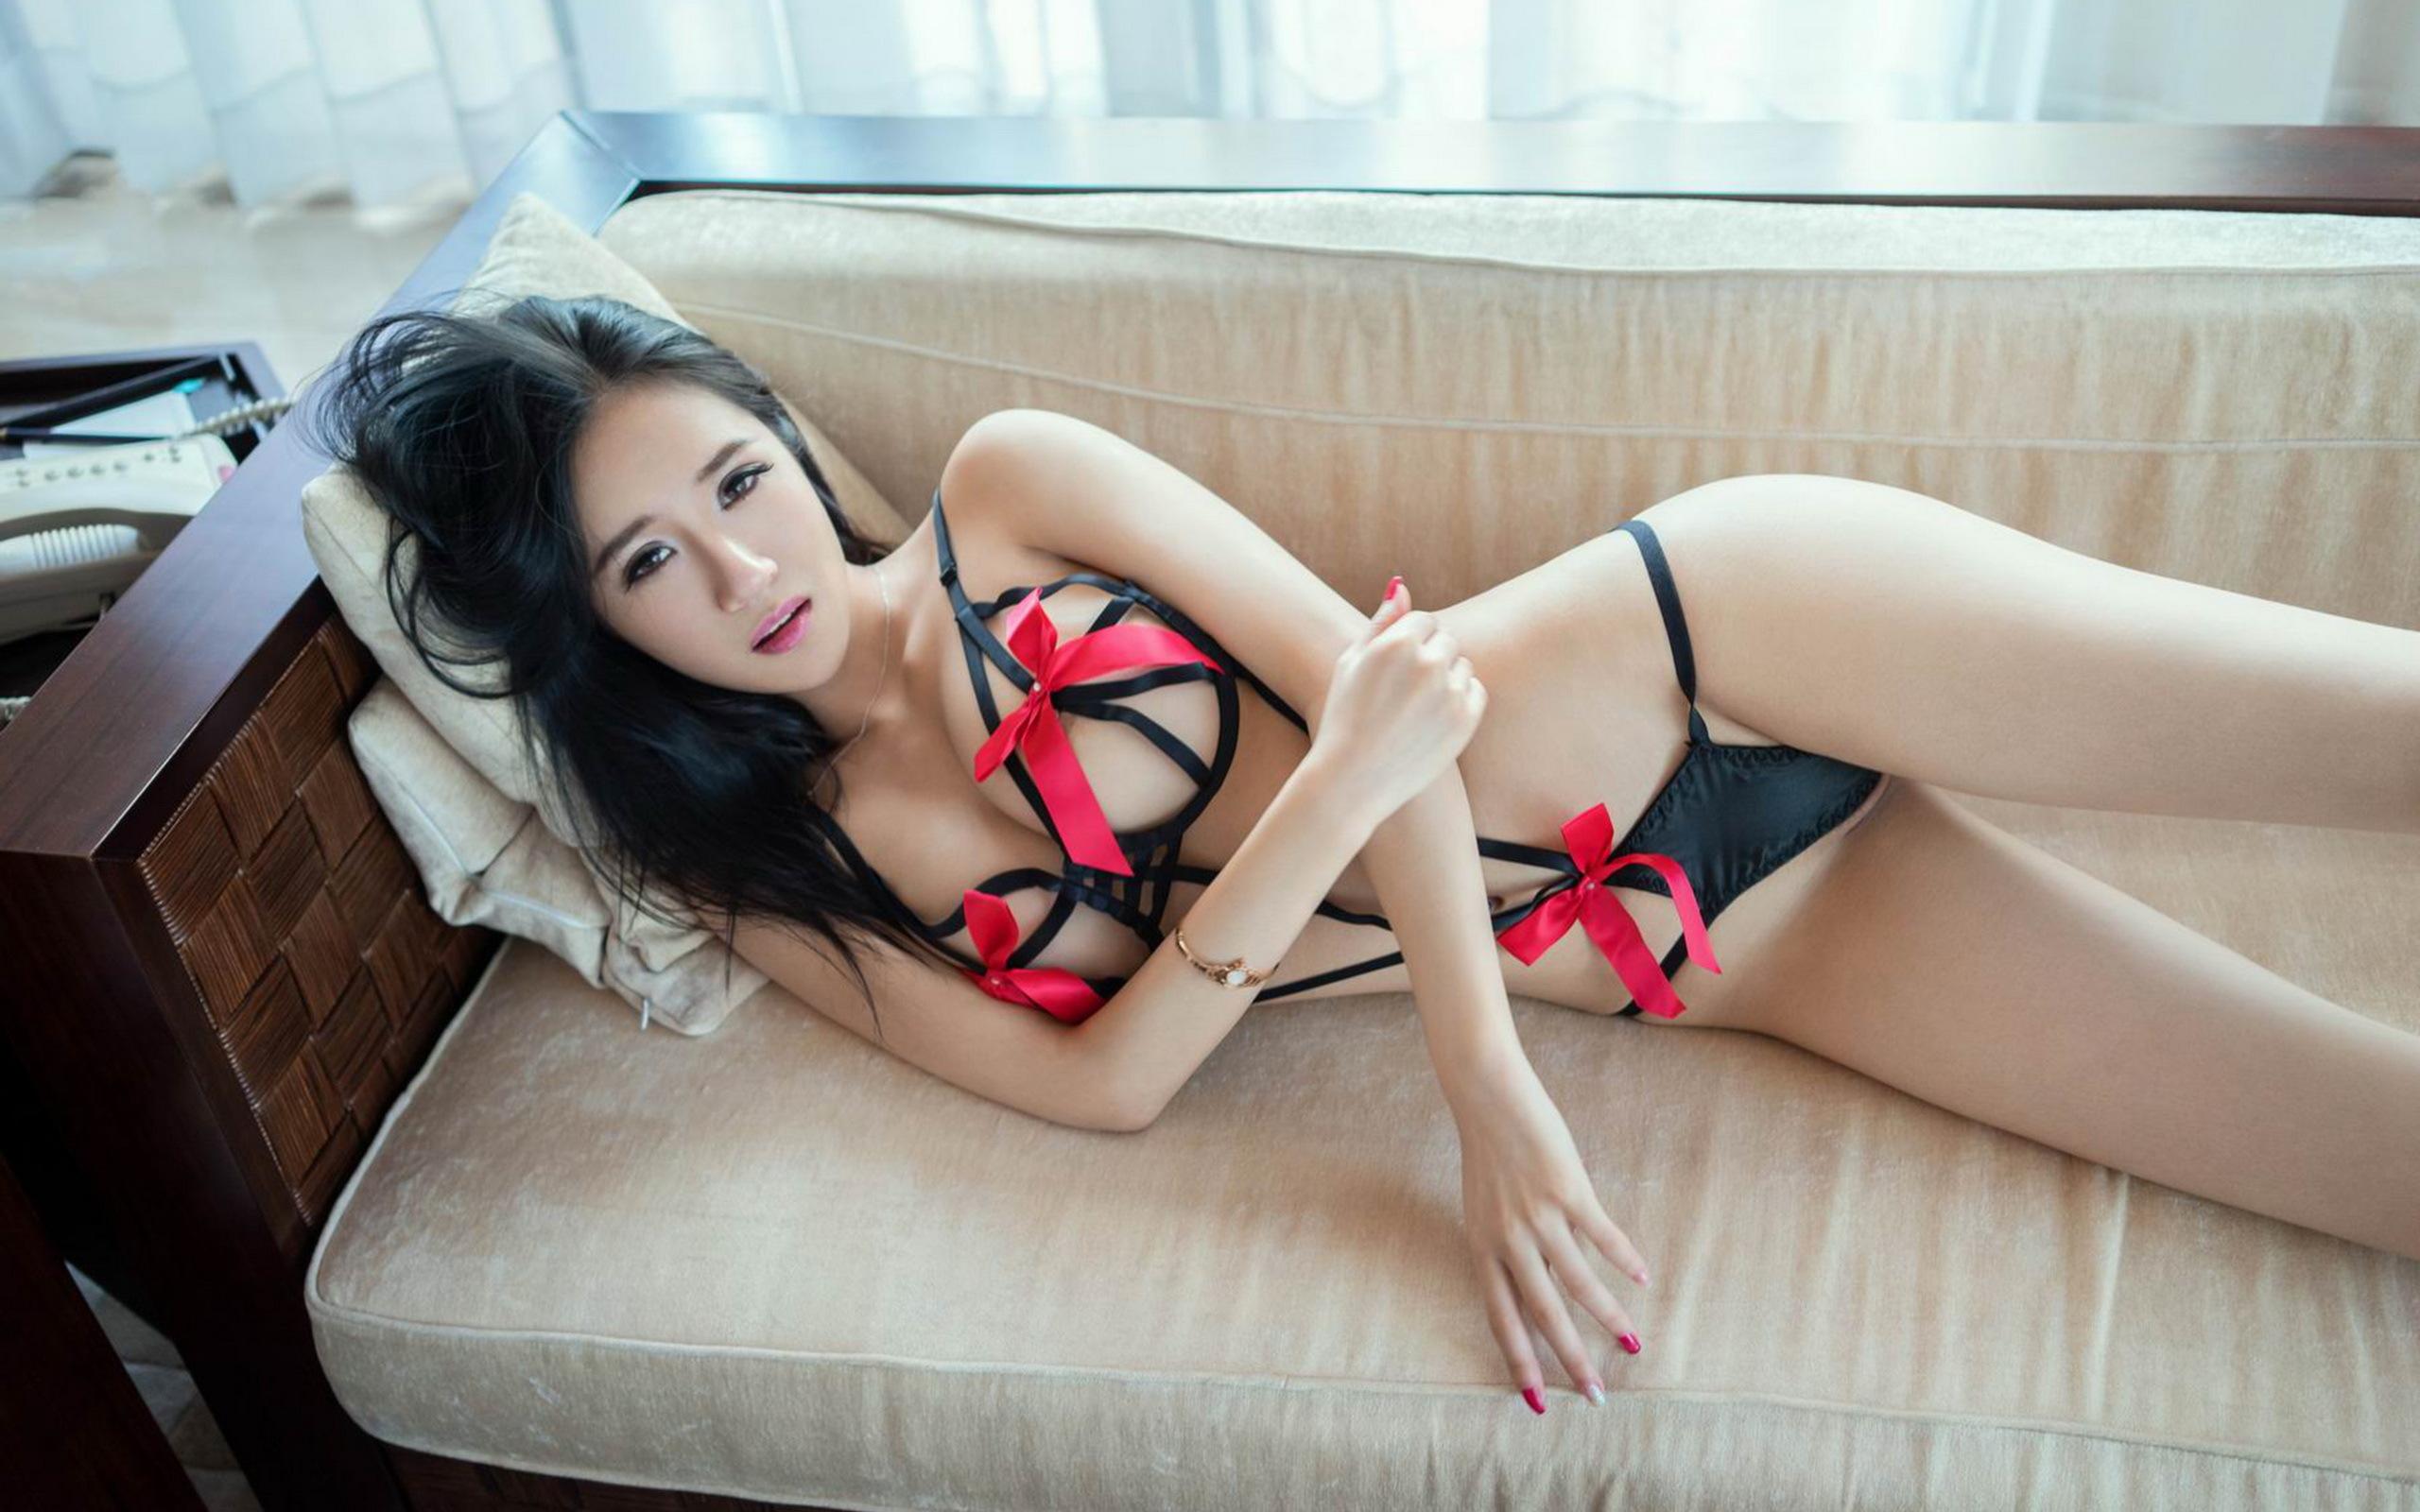 Nude asian babes blogspot